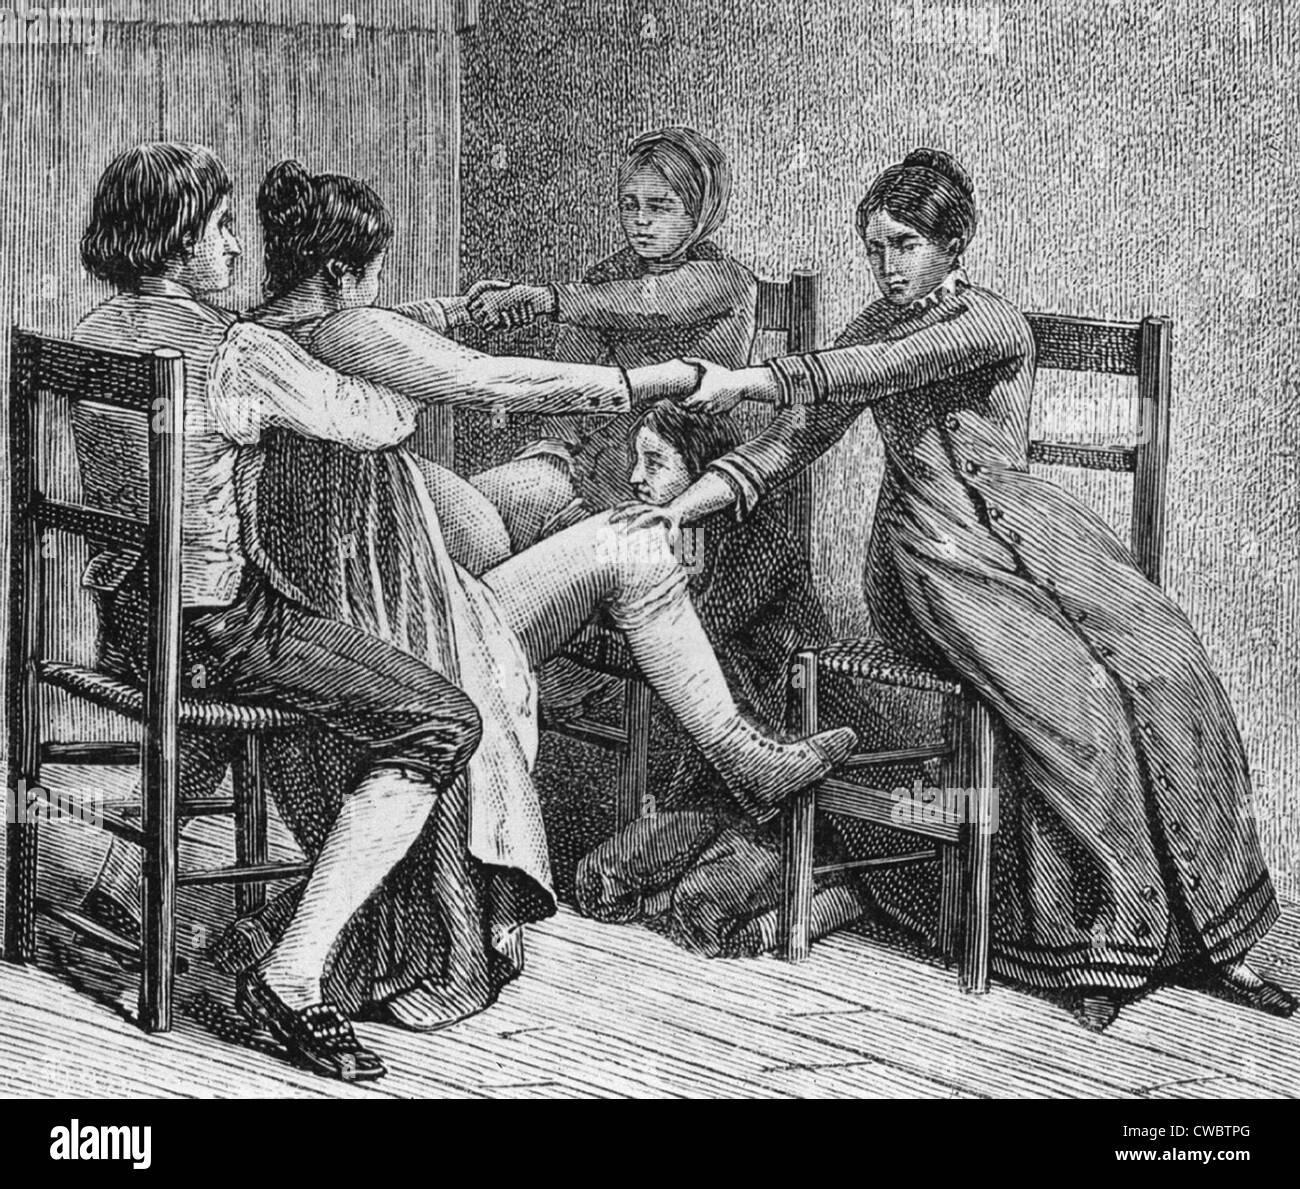 Pioneer Geburt Szene von zwei Frauen und zwei Männern helfen während der Geburt von ca. 1800. Abbildung aus der Stockfoto